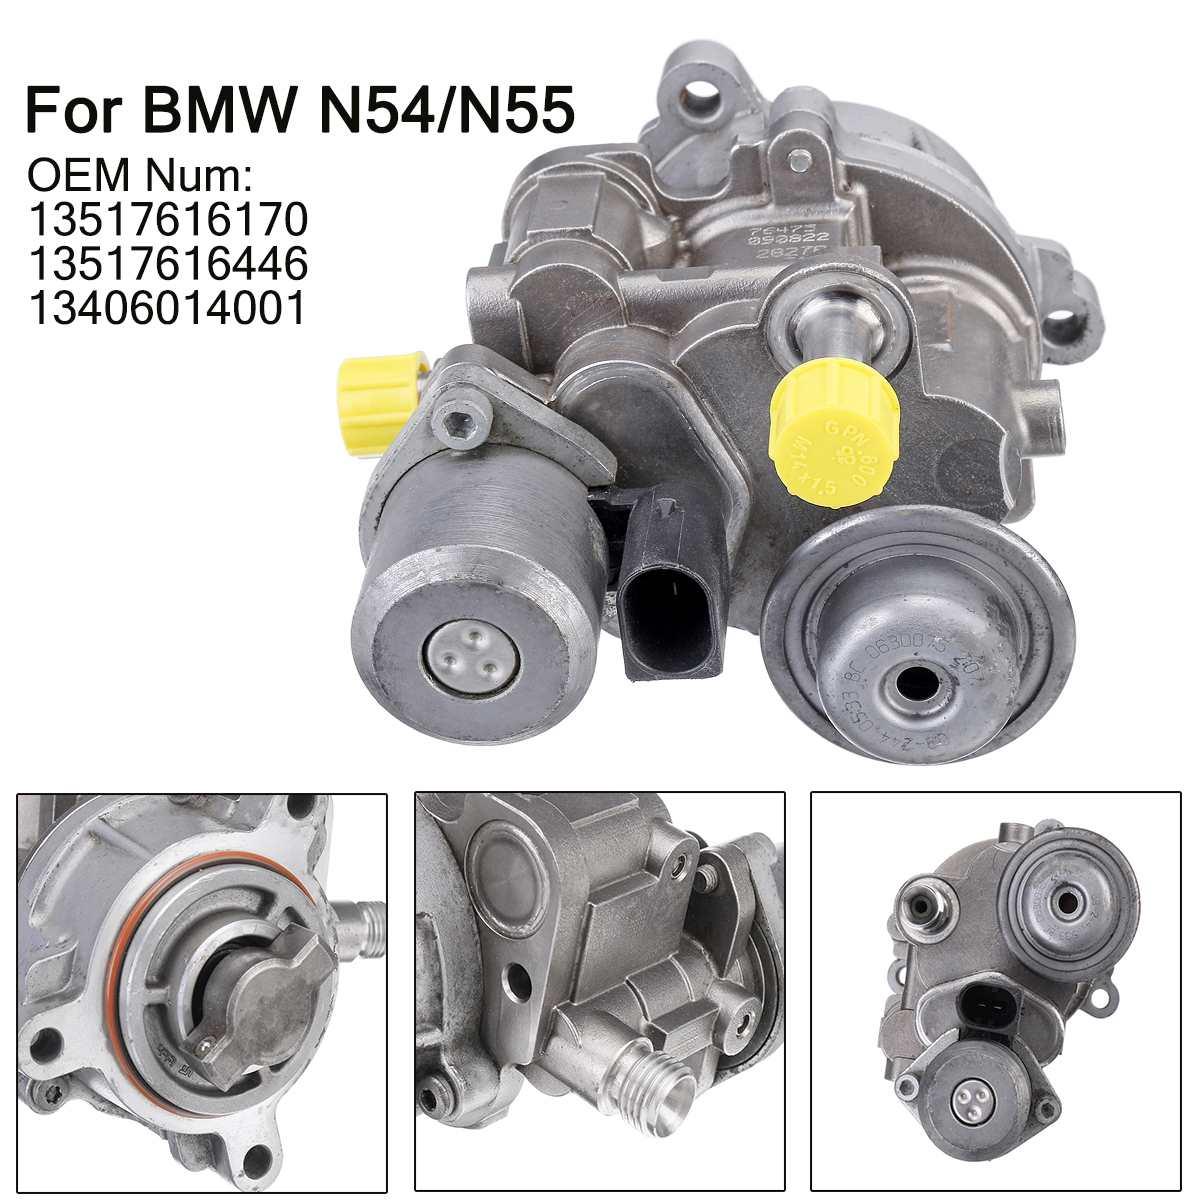 Bomba de combustible de alta presión 13517616170 13517616446 13406014001 para BMW N54/N55